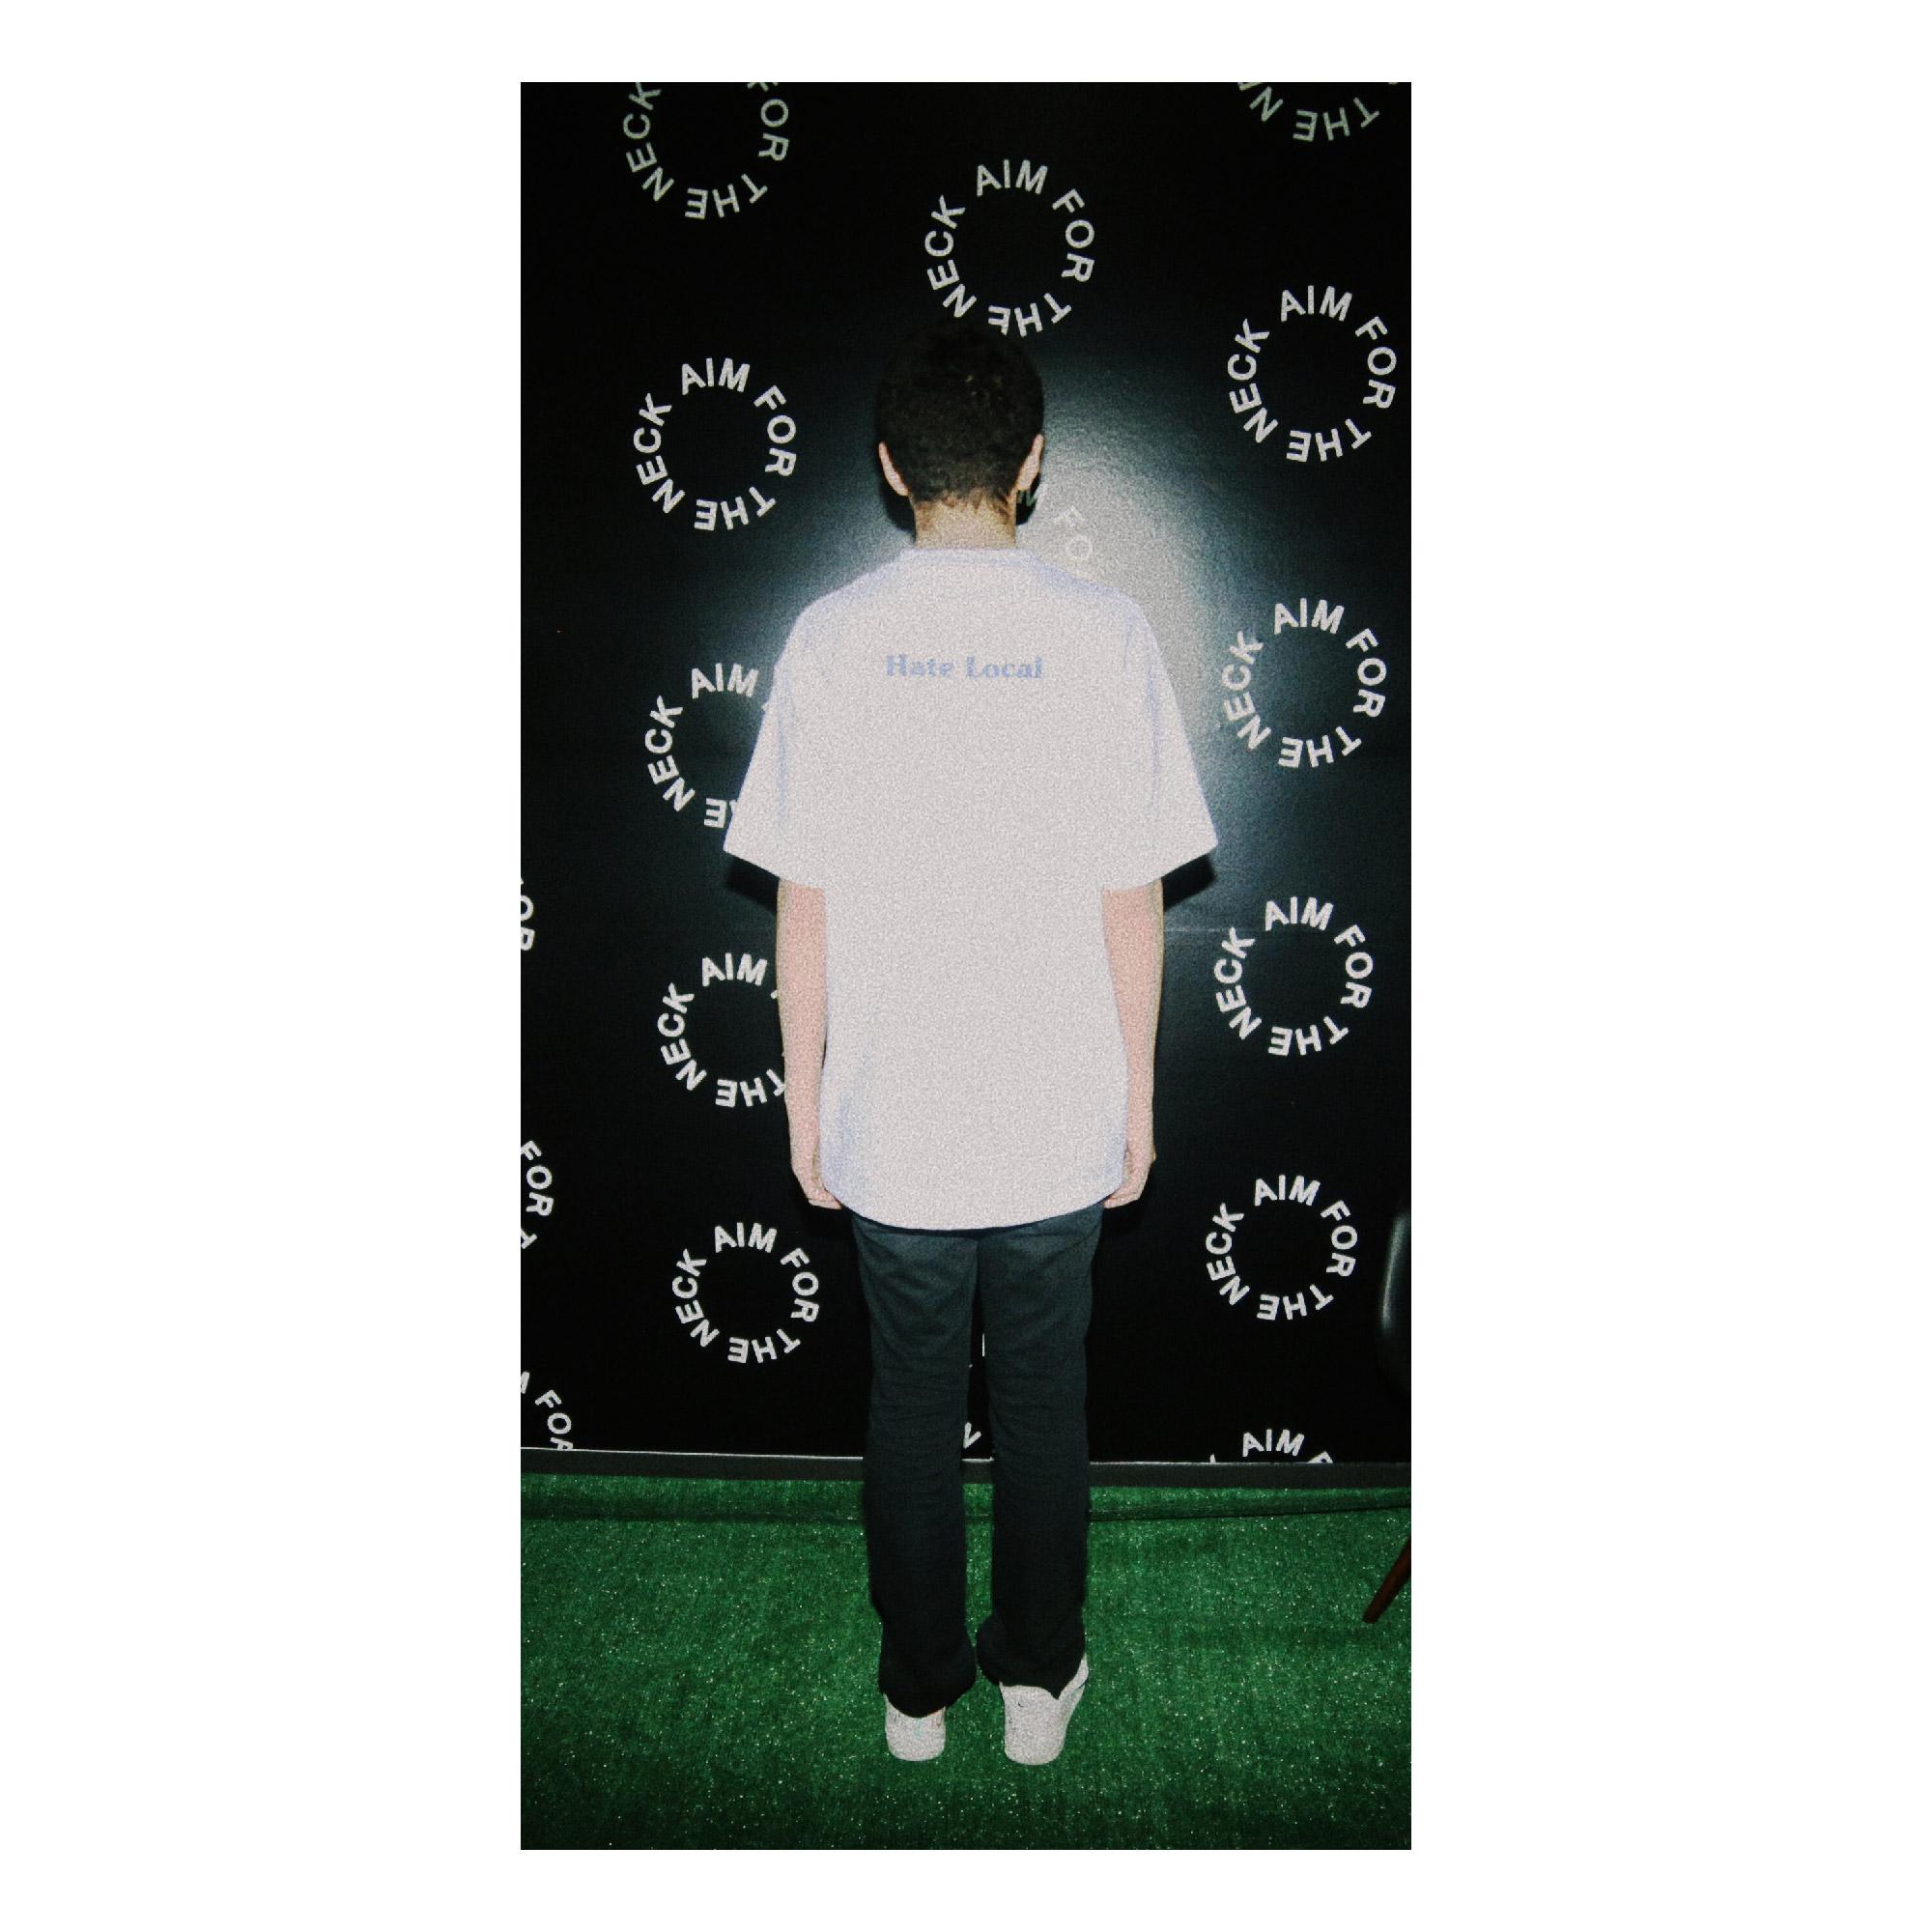 Whitelovelocal-03.jpg